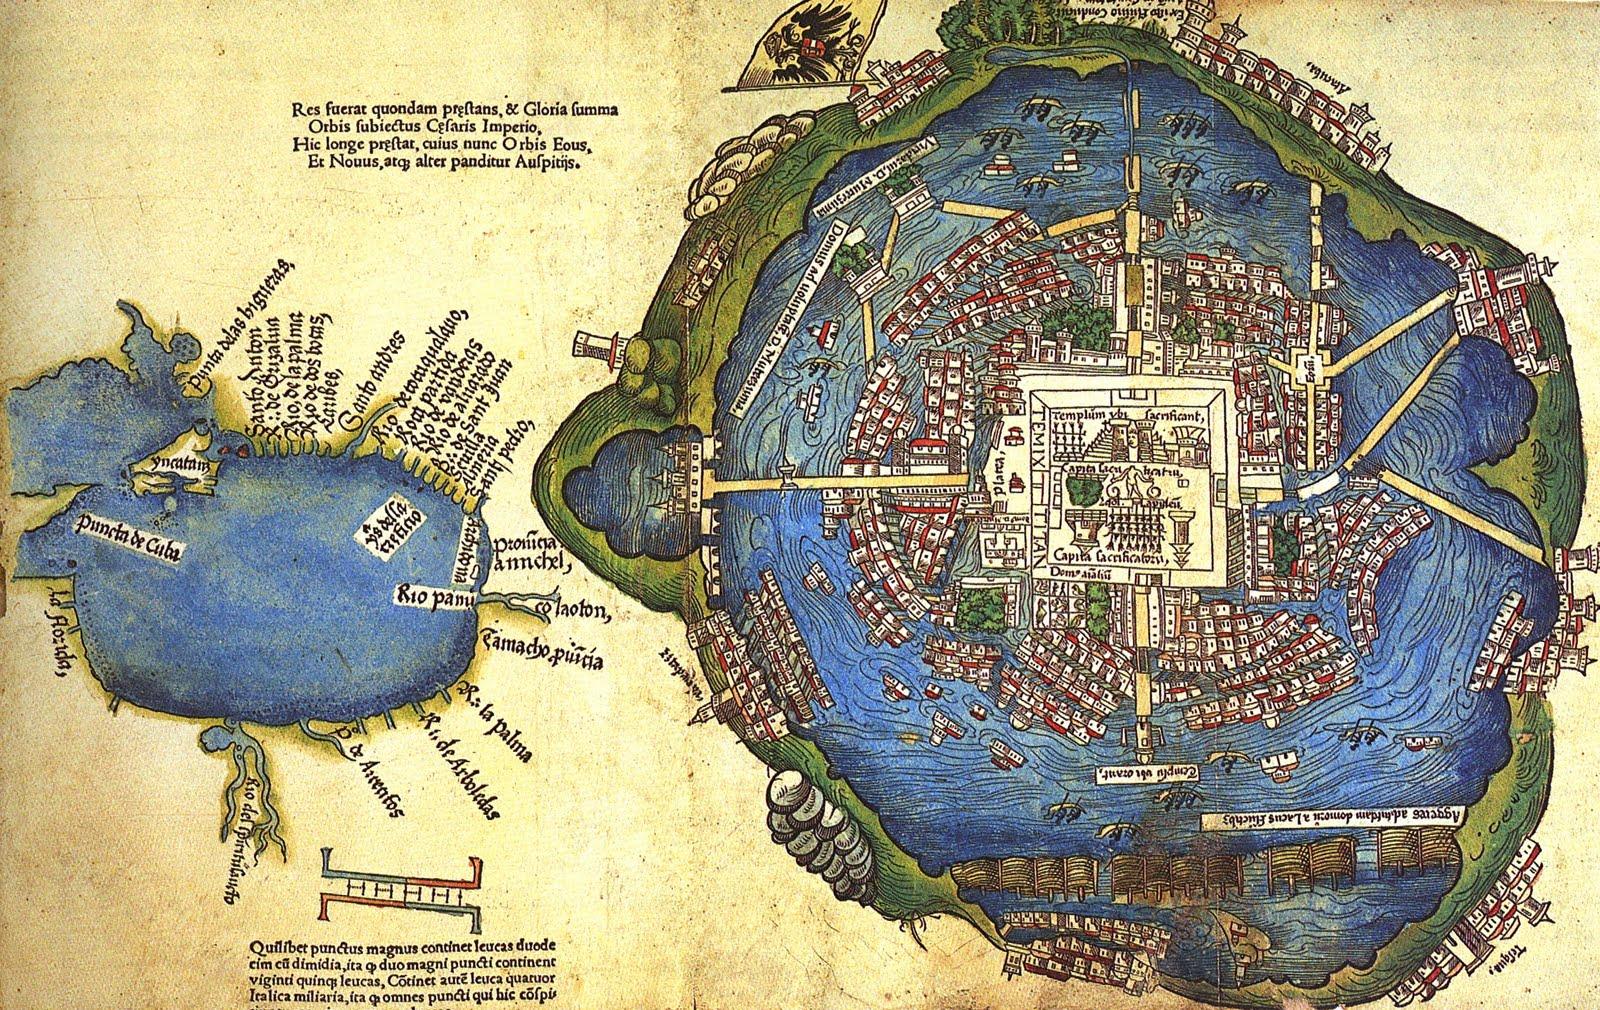 Tenochtitlan_y_Golfo_de_Mexico_1524.jpg